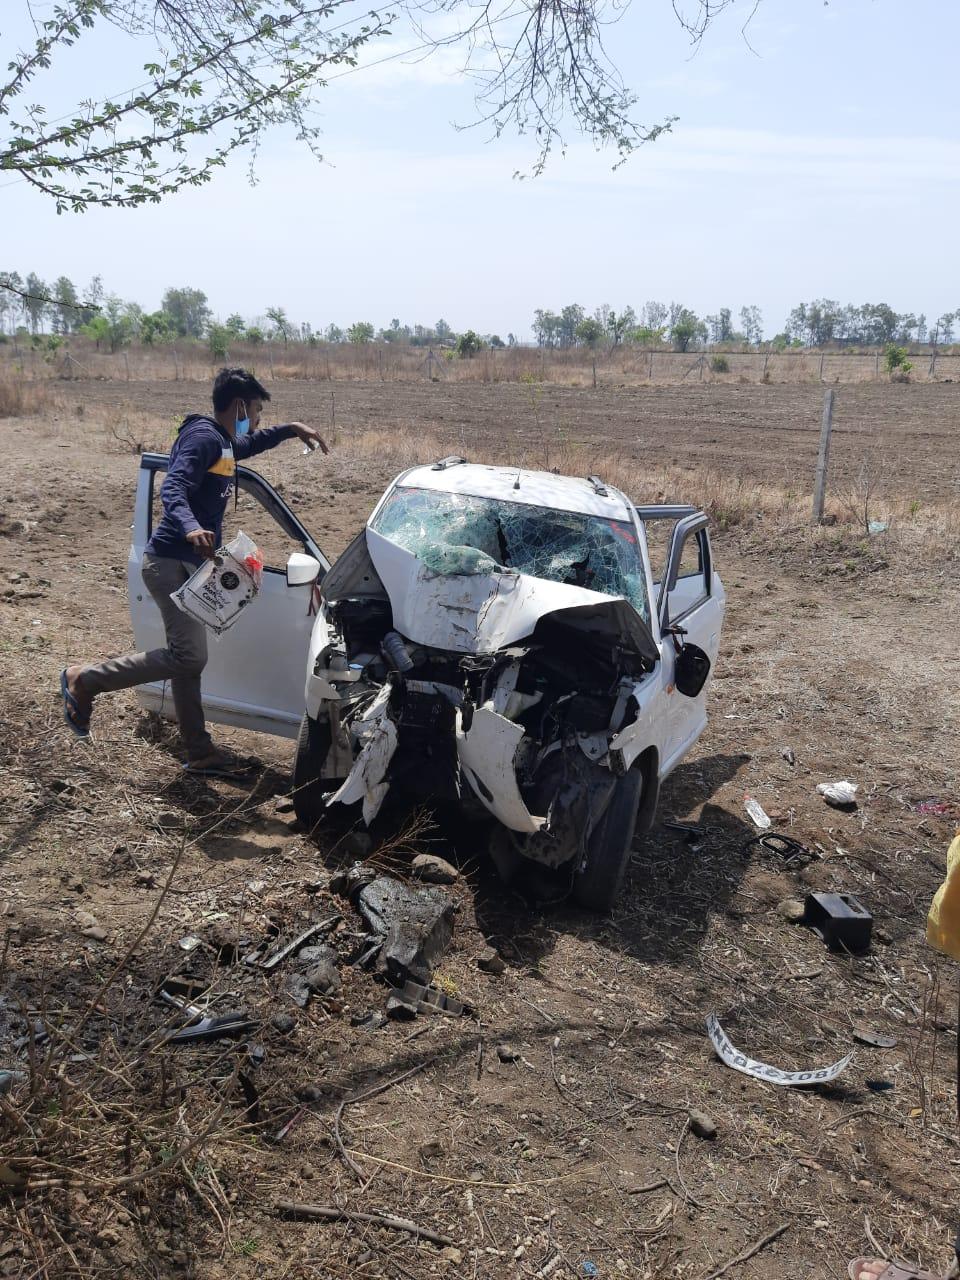 रातीबढ़ में तेज रफ्तार कार अनियंत्रित होकर पेड़ से टकराई, बेरखेड़ी गांव से रिश्तेदारी में सीहोर जा रहे थे|भोपाल,Bhopal - Dainik Bhaskar